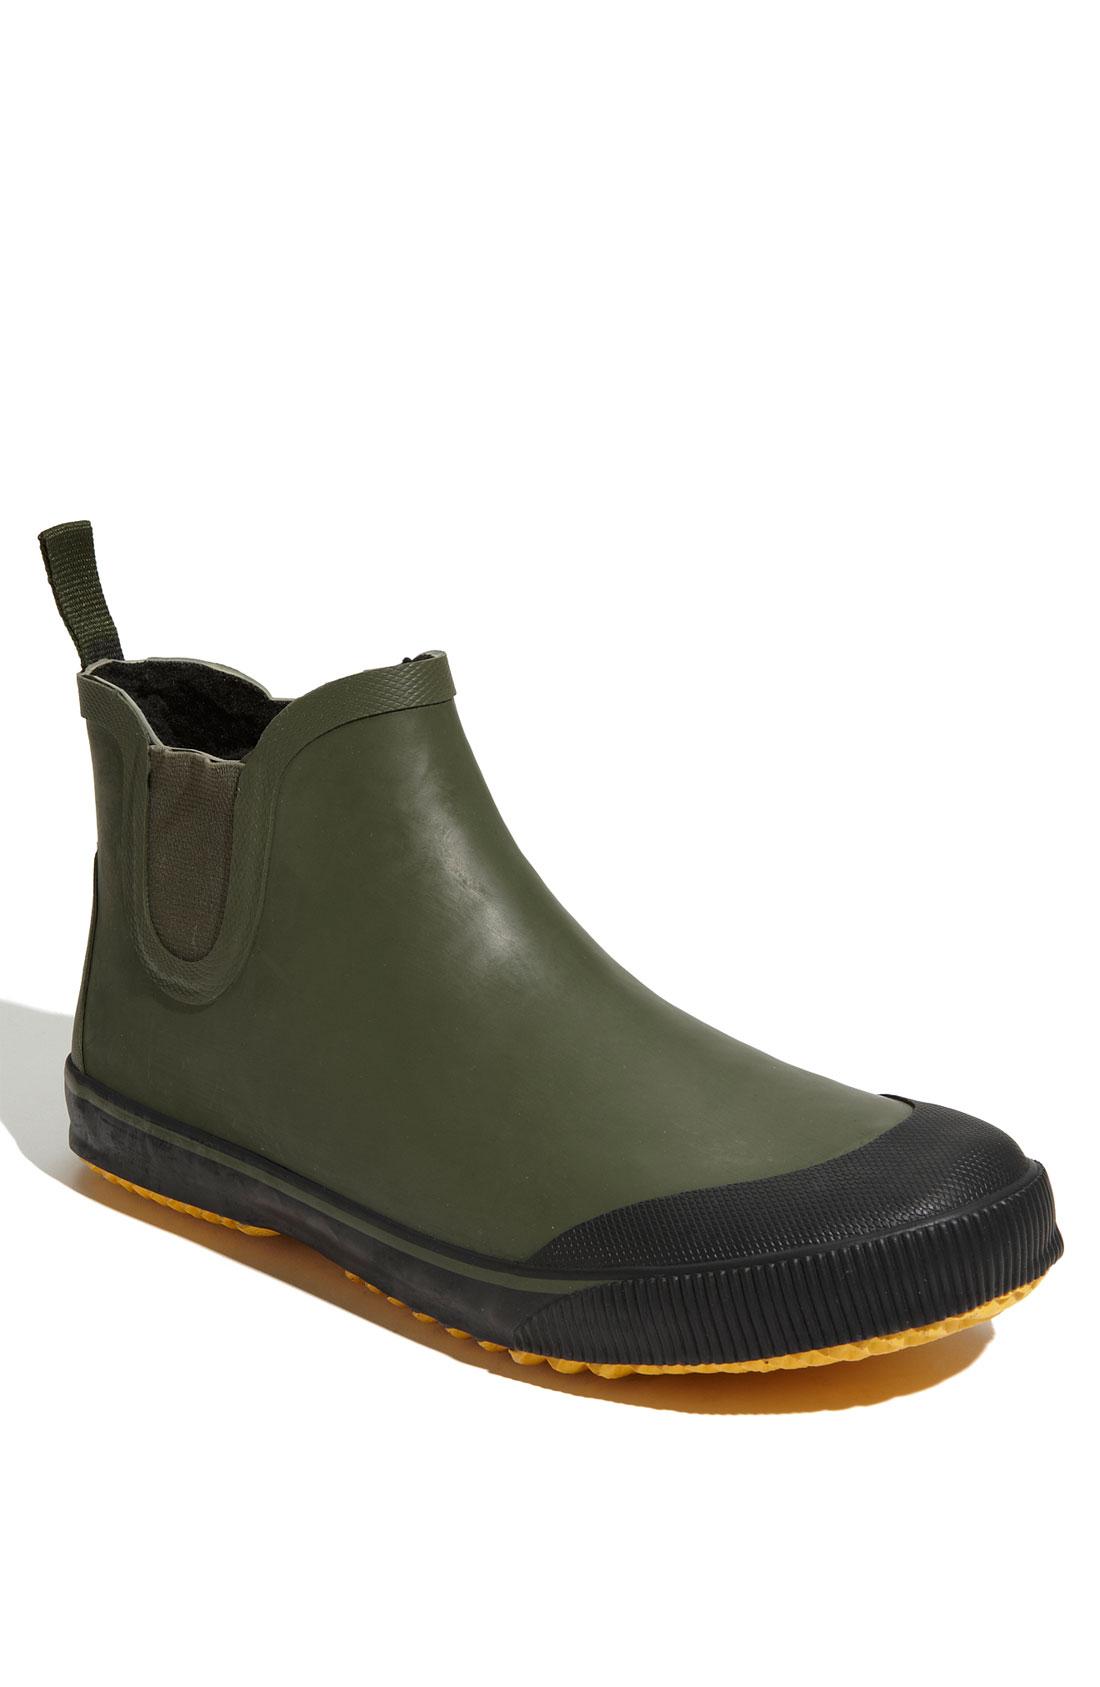 Tretorn Strala Rain Boot In Black For Men Olive Black